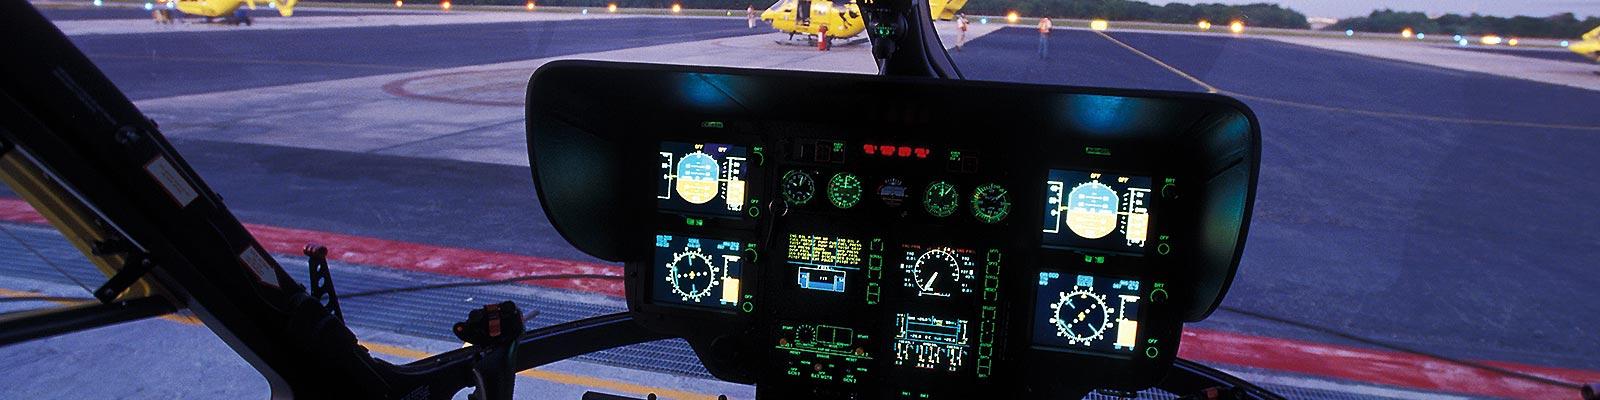 Qualification Hélicoptère Vol De Nuit - Slider vol de nuit